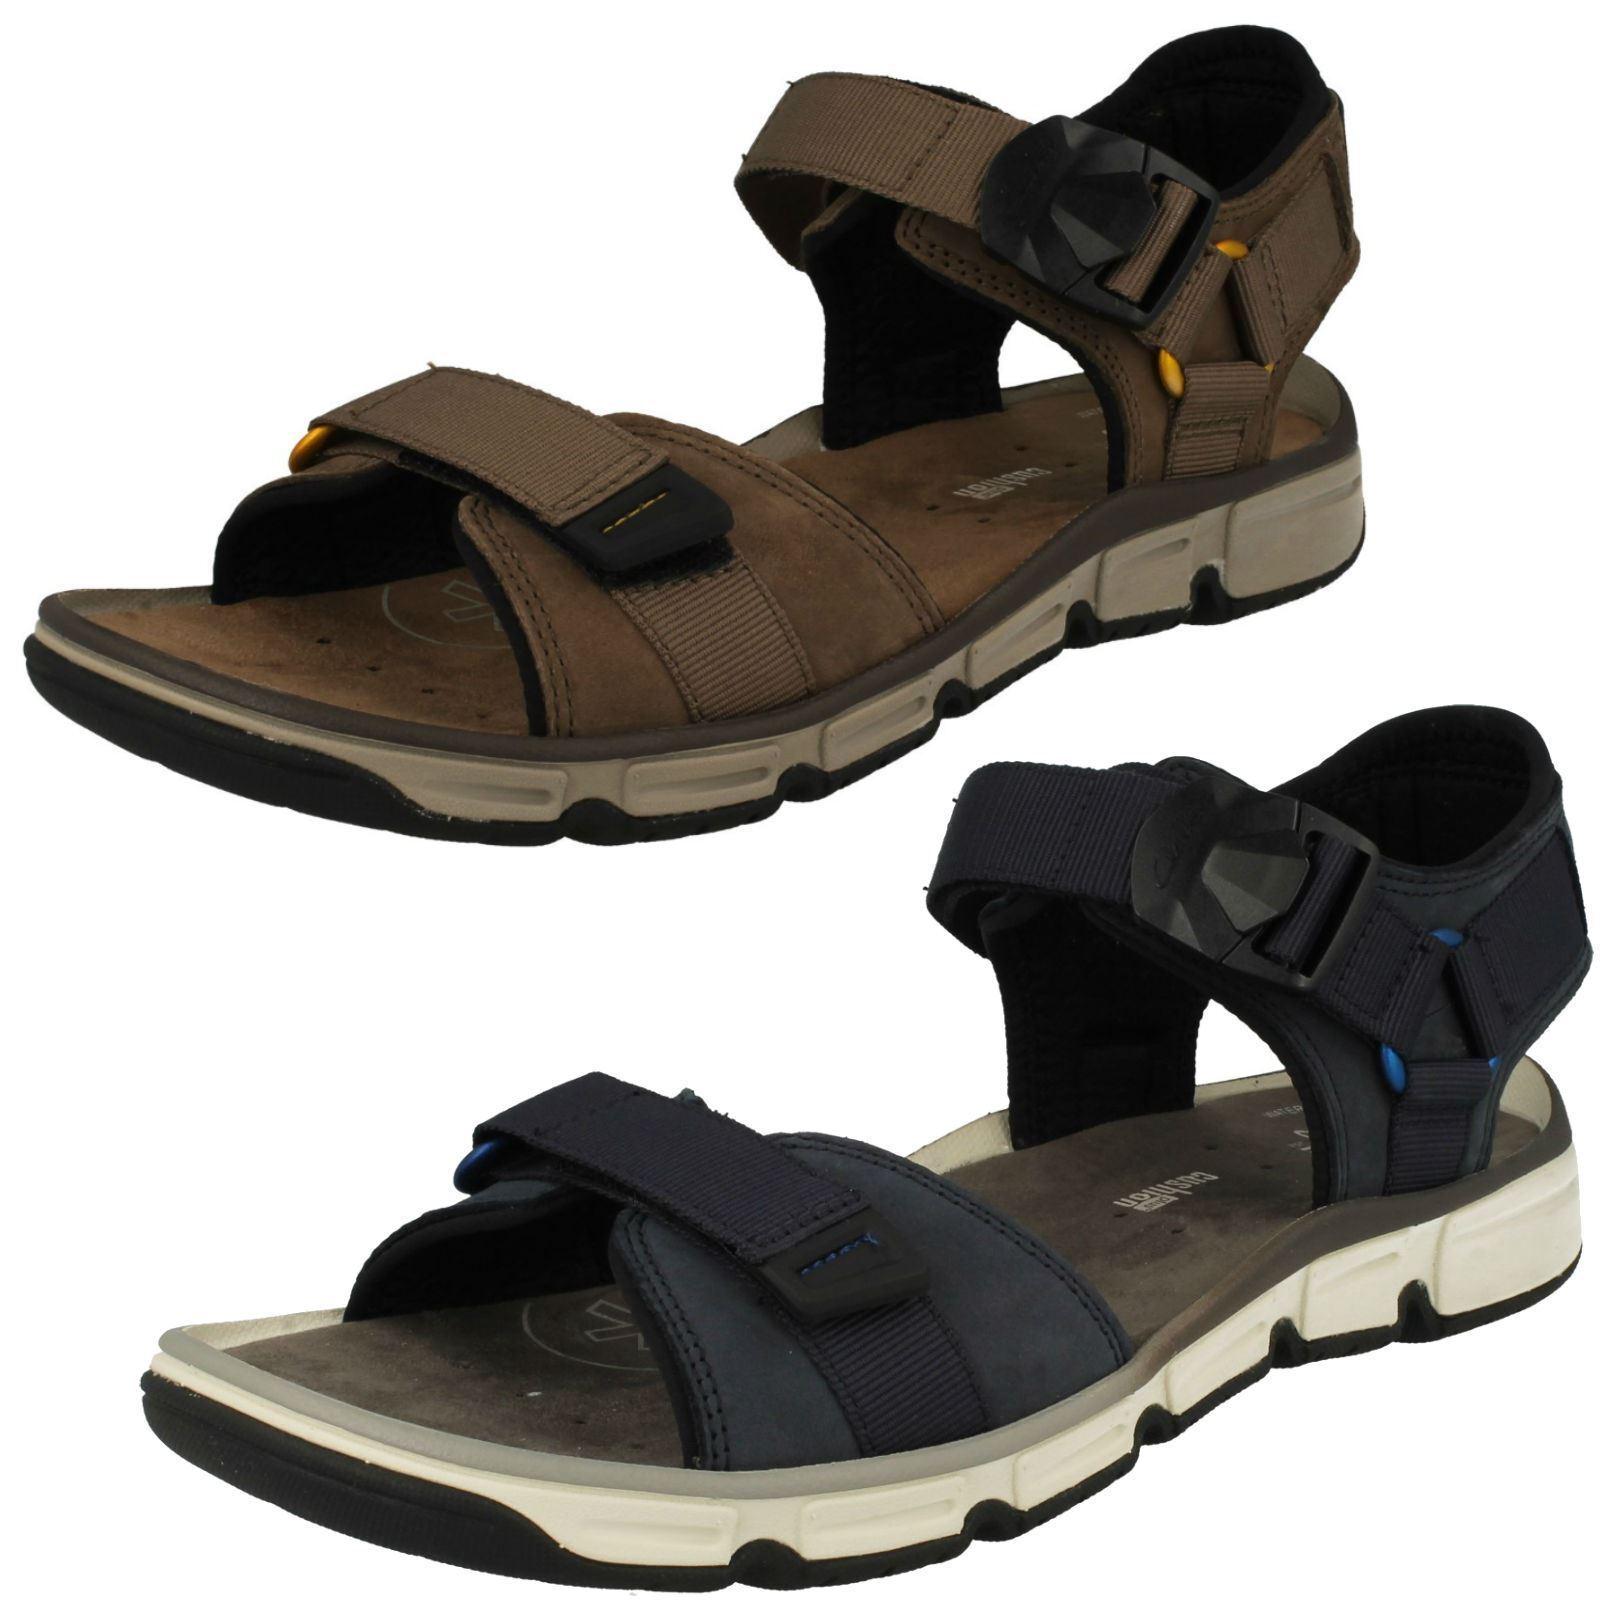 Mens Clarks Open Toe Summer Sandal 'Explore Part' Part' Part' 8034fc